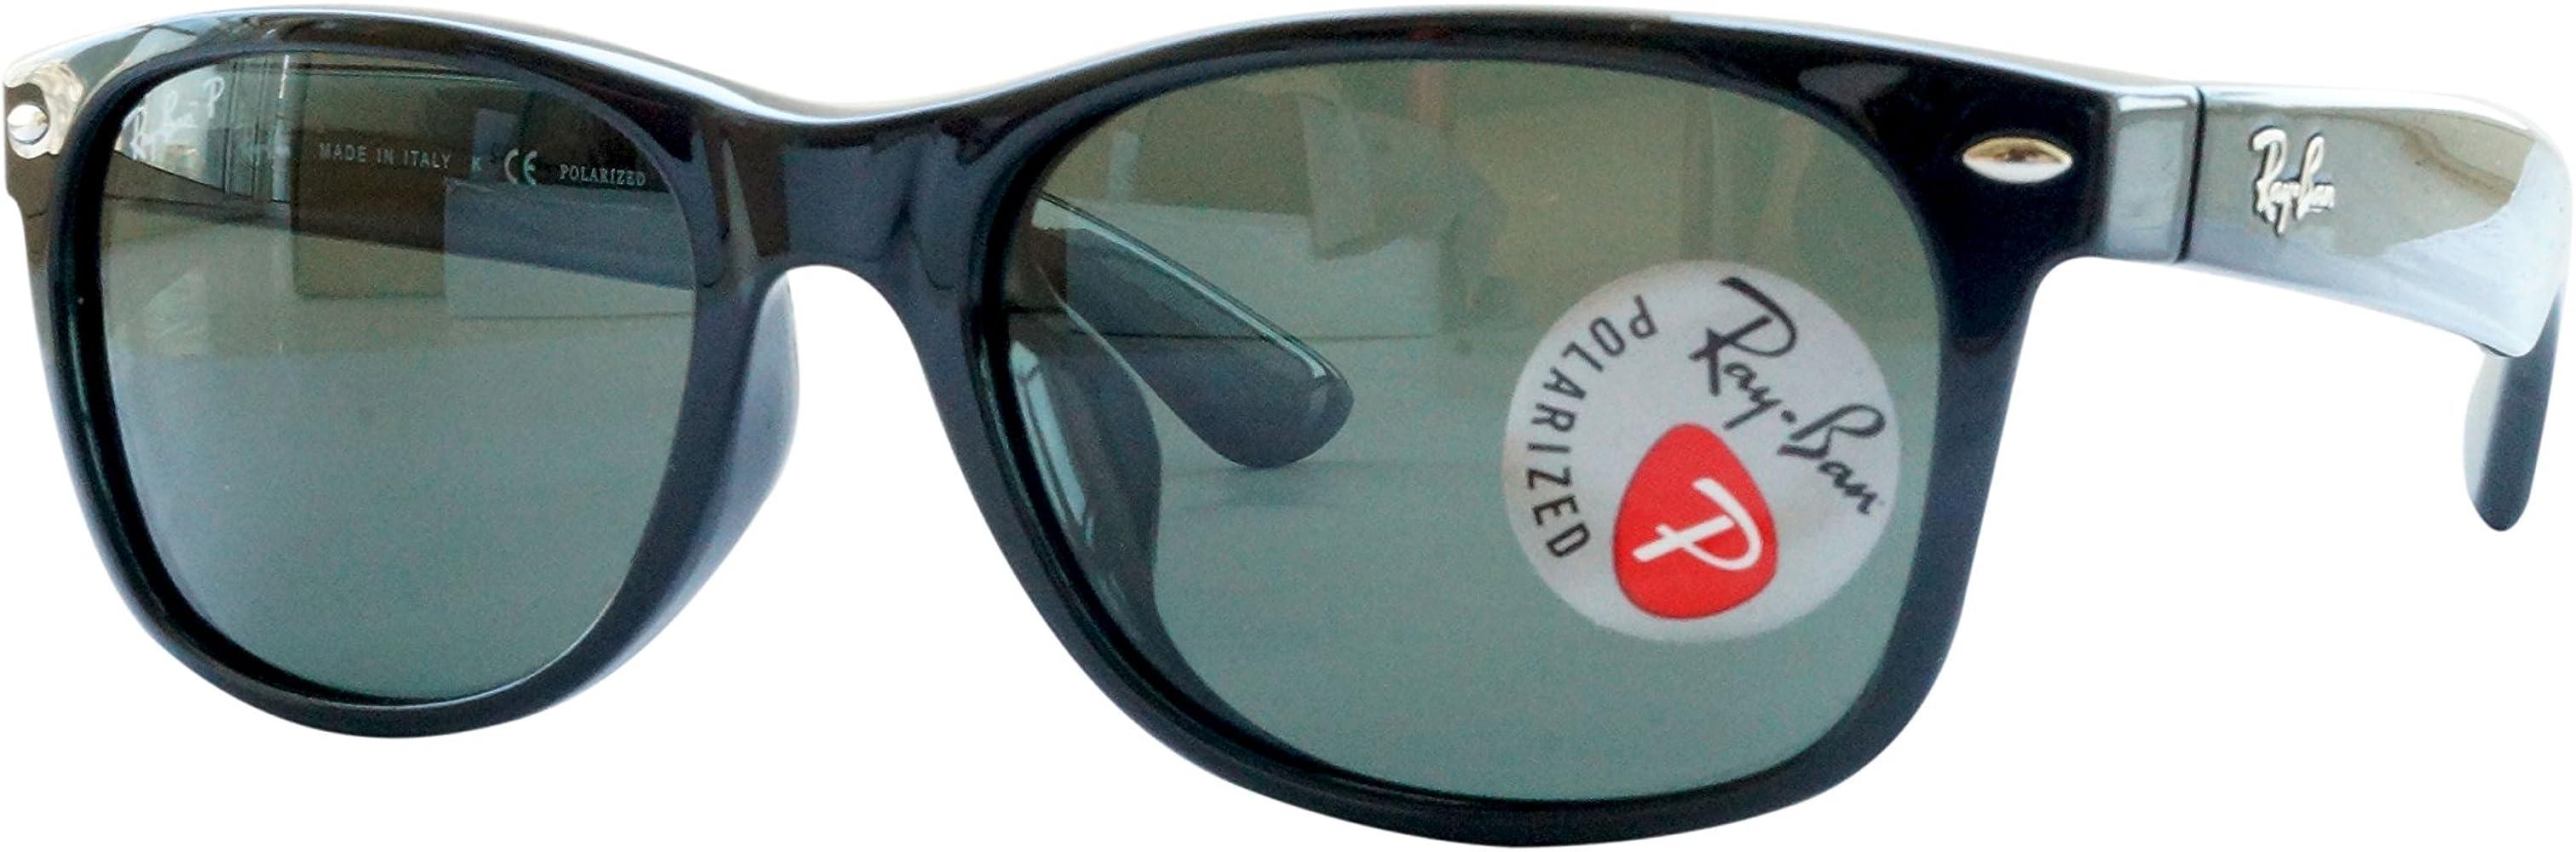 Ray-Ban New Wayfarer Classic RB 2132 Gafas de Sol, Negro ...